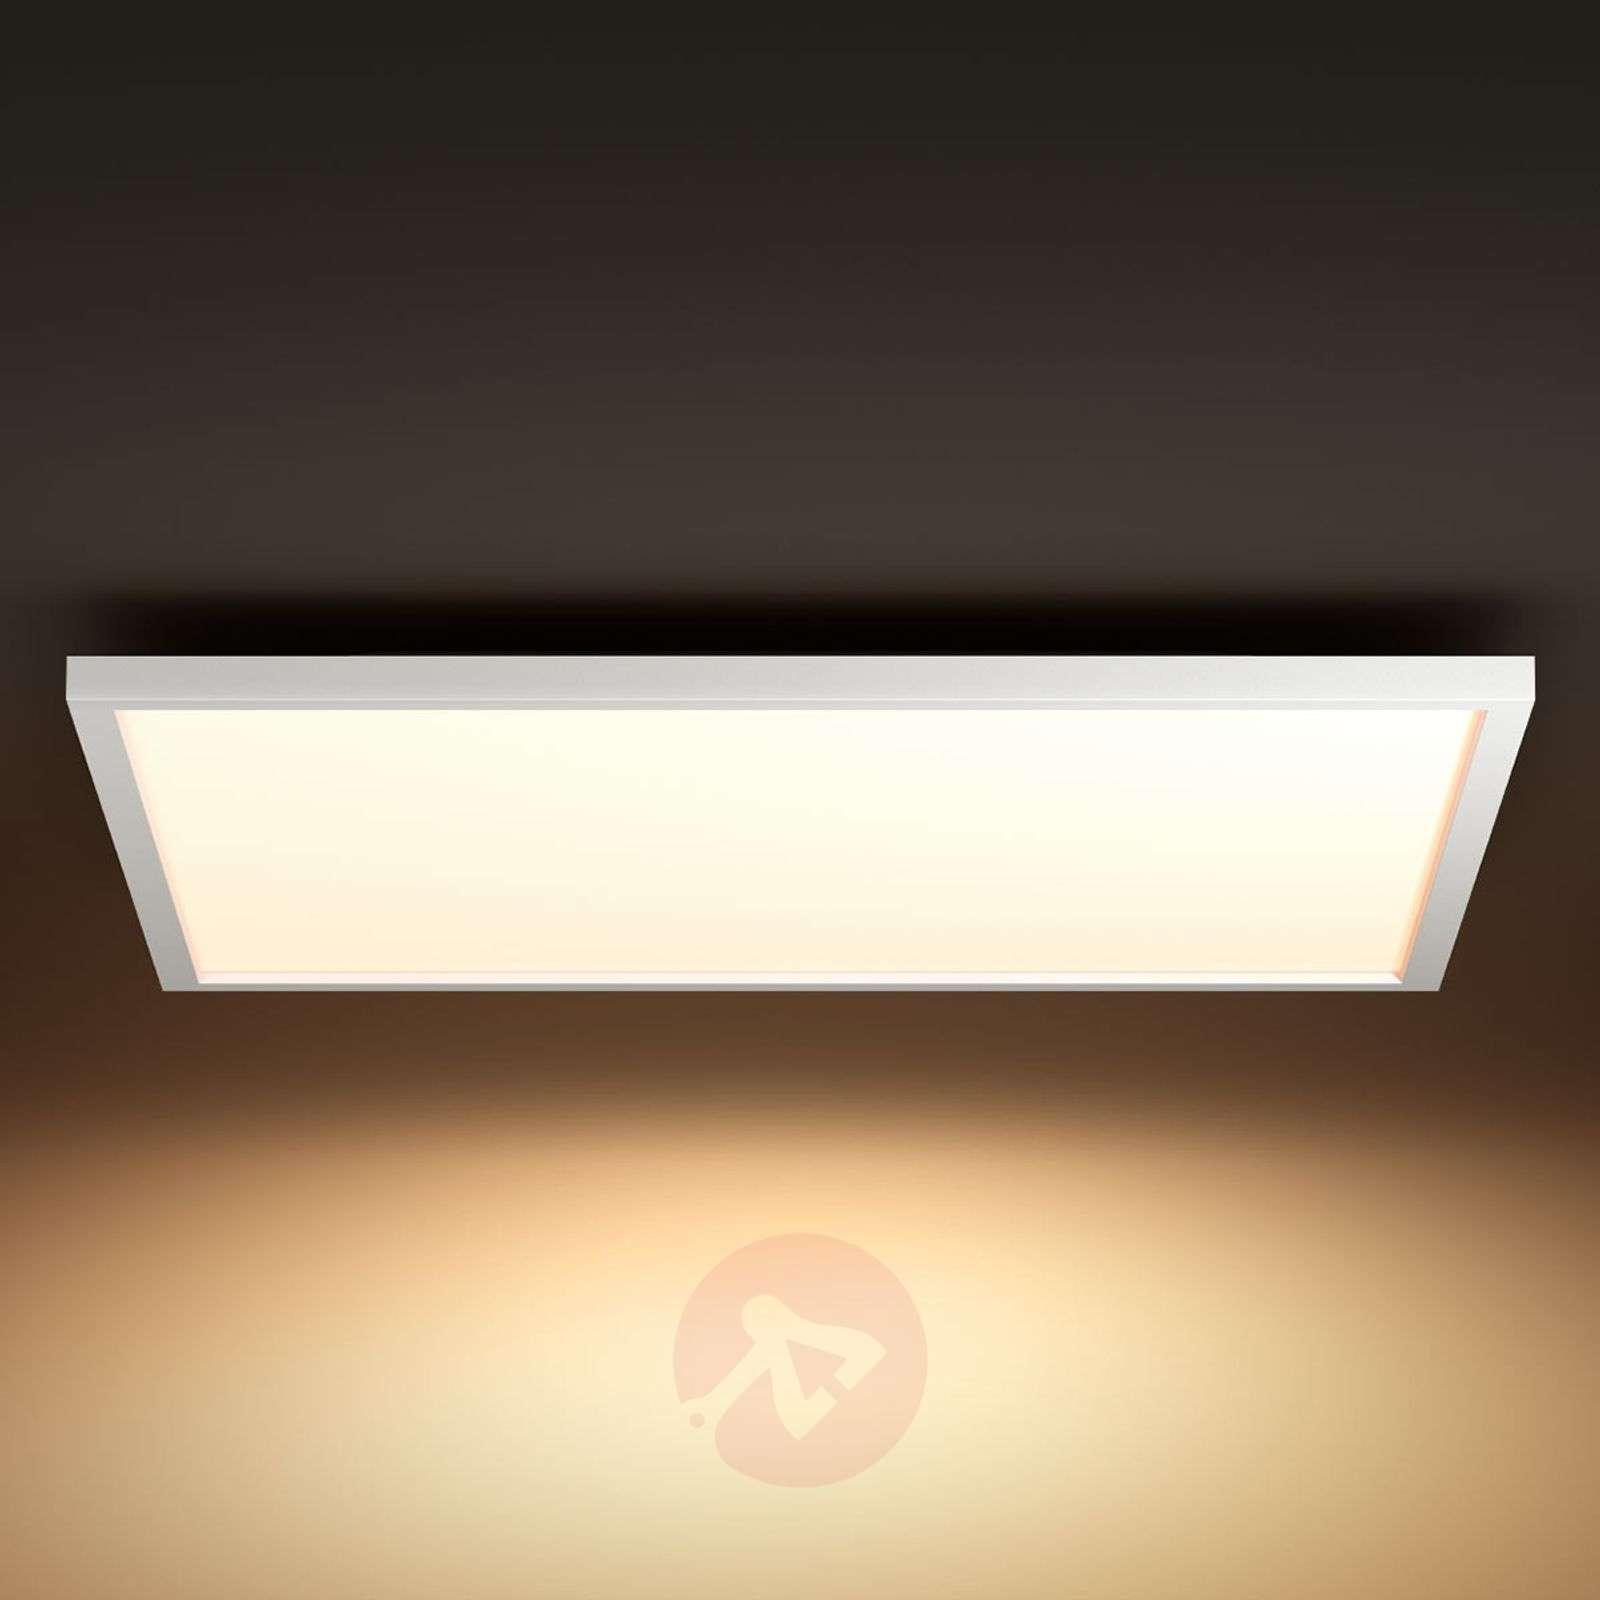 Philips Hue Aurelle LED-paneeli kulmikas-7534086X-01